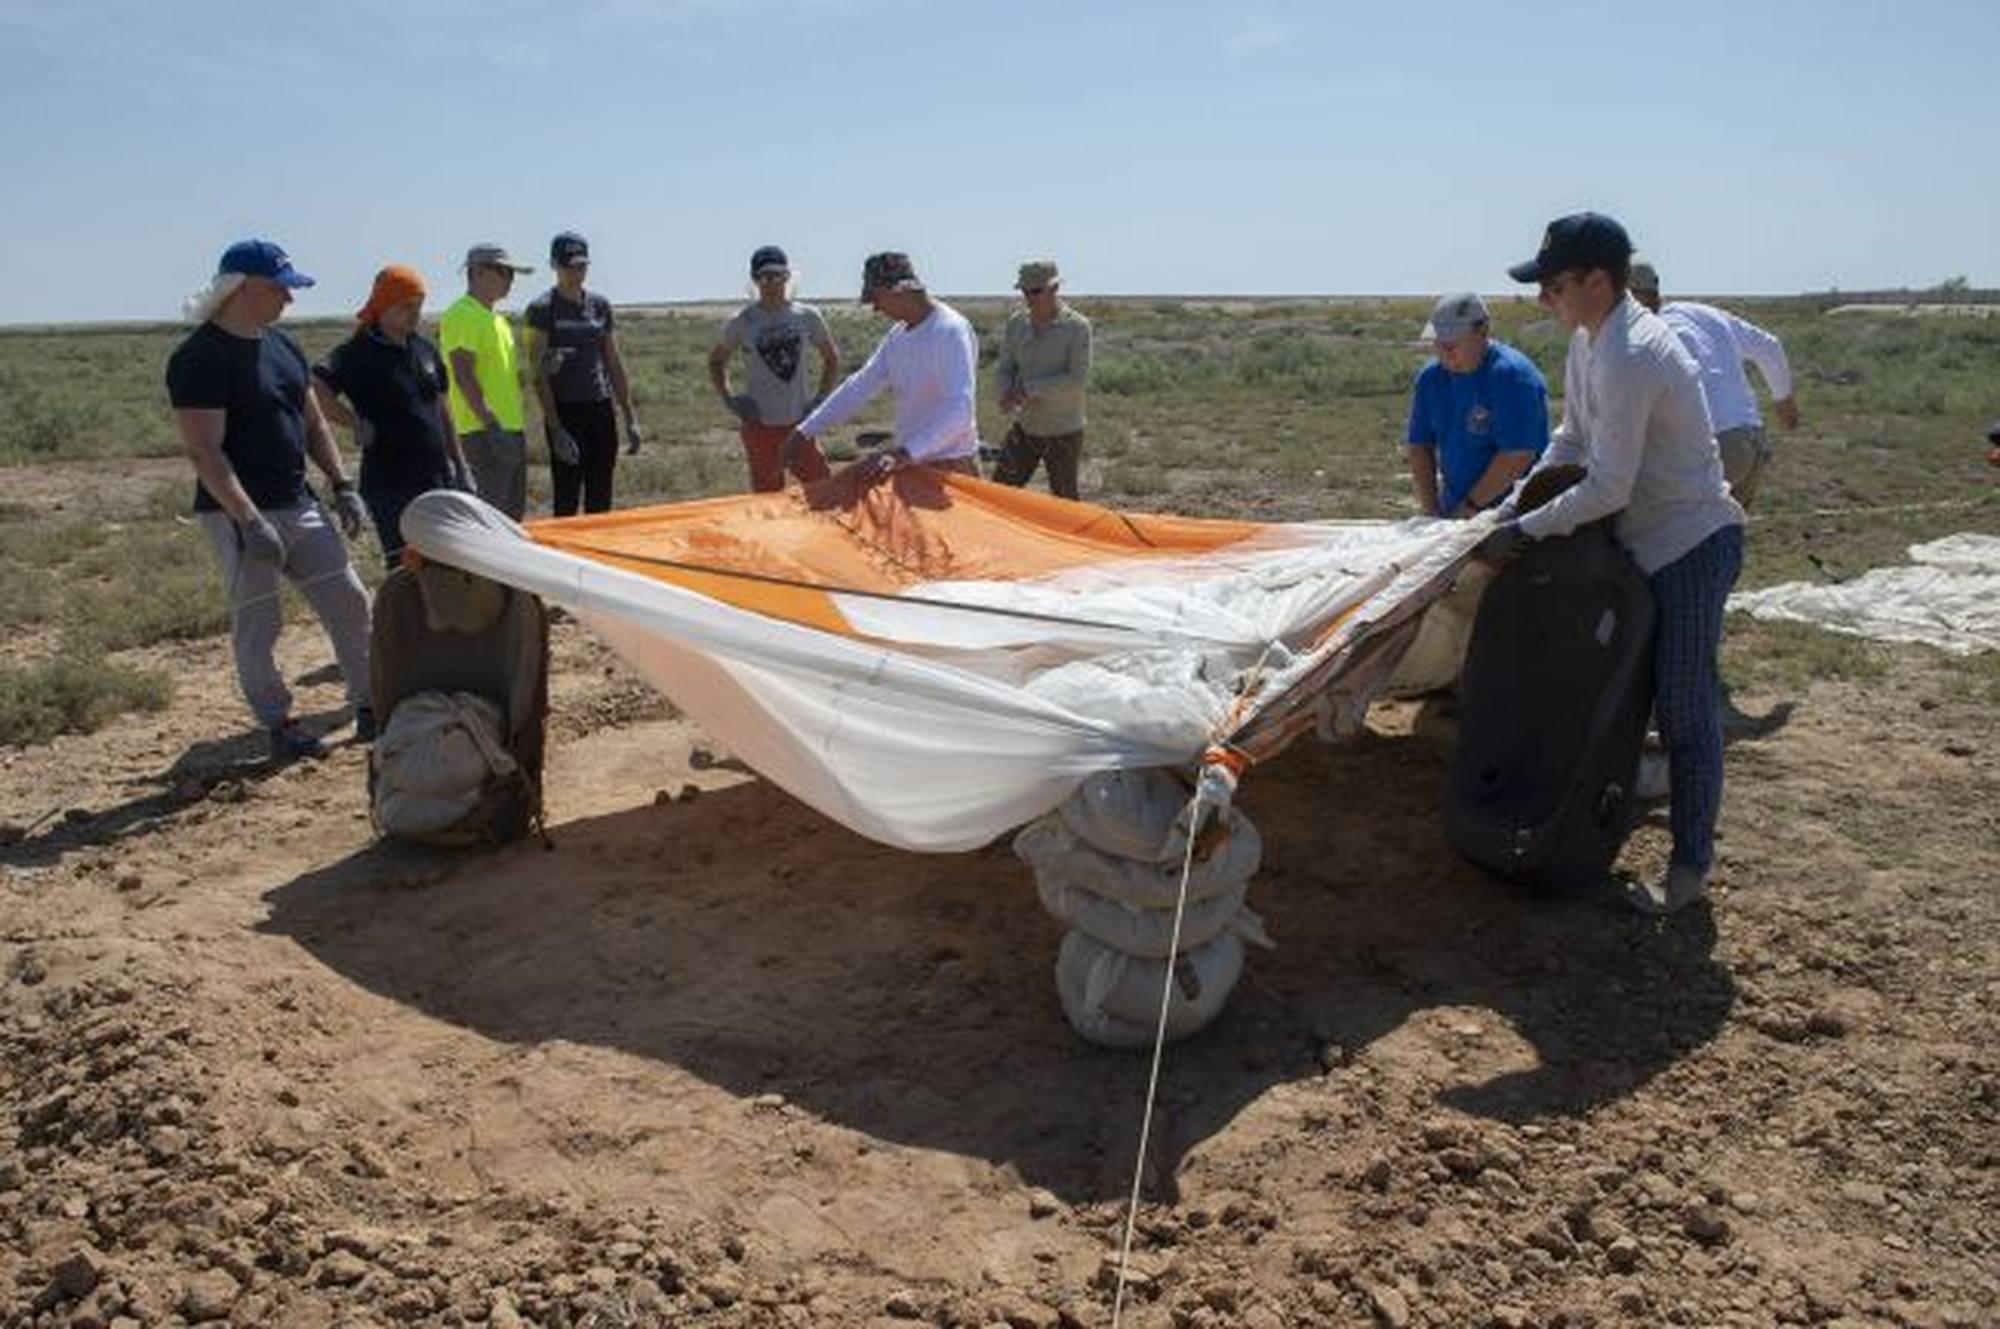 Un abri avec les moyens du bord: parachute et autres éléments sortis du soyouz.